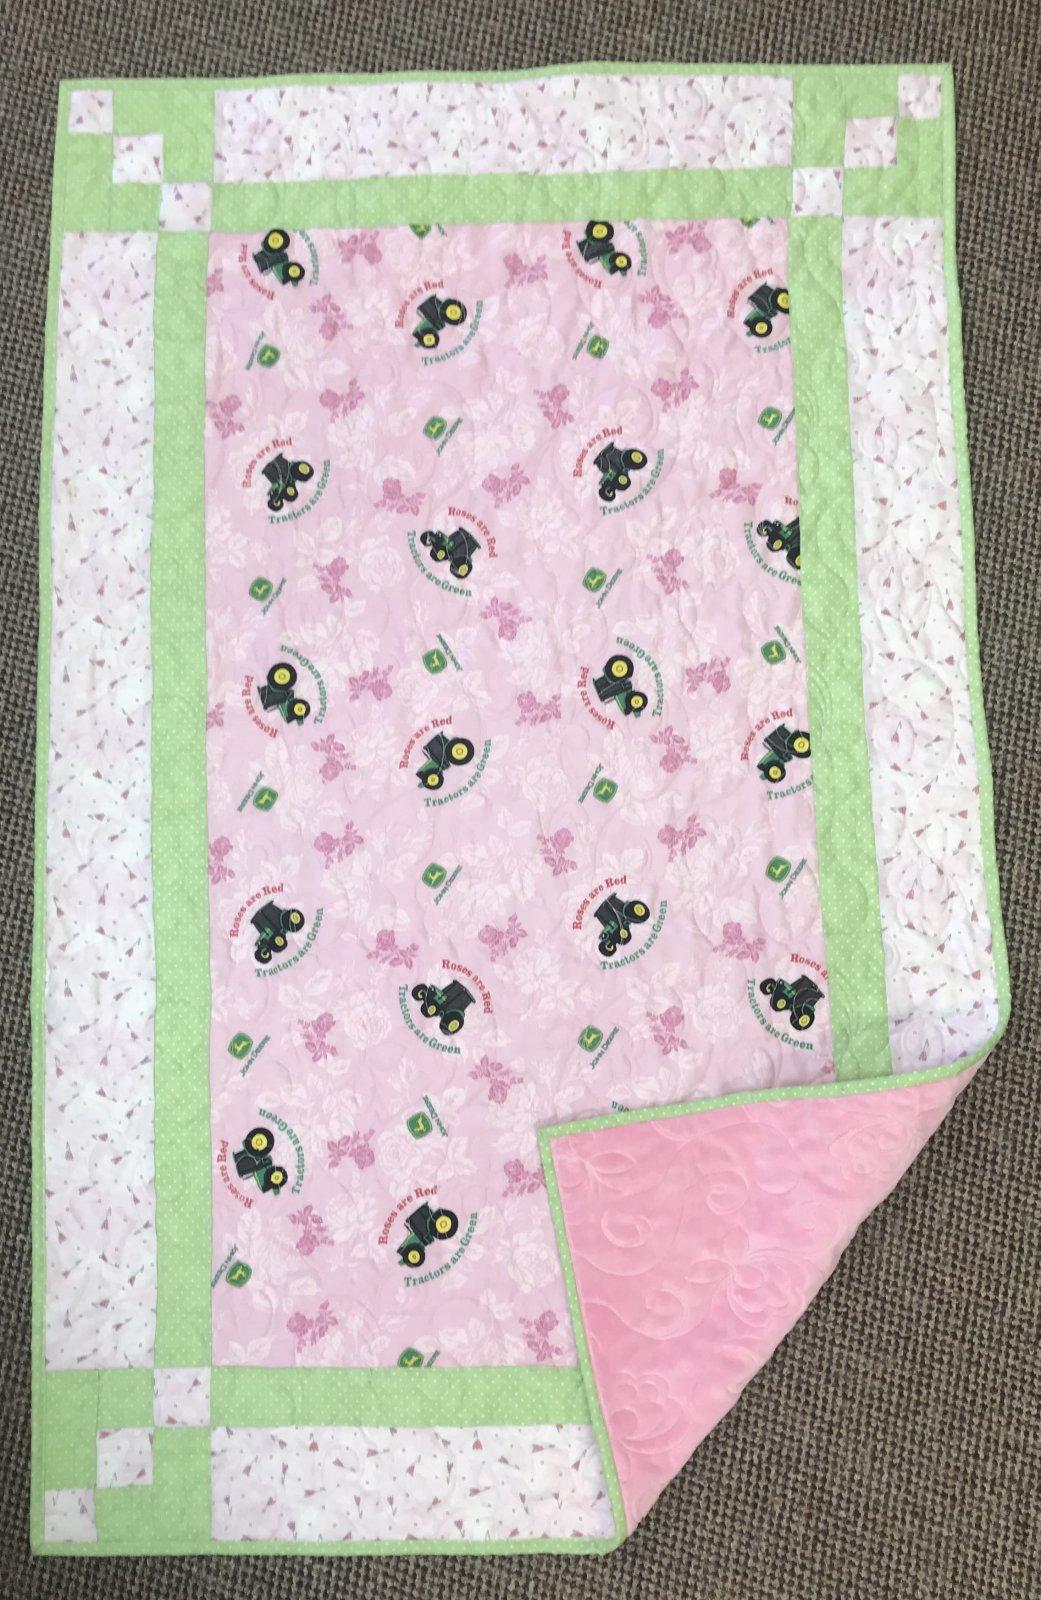 John Deere pink baby quilt 34 x 54